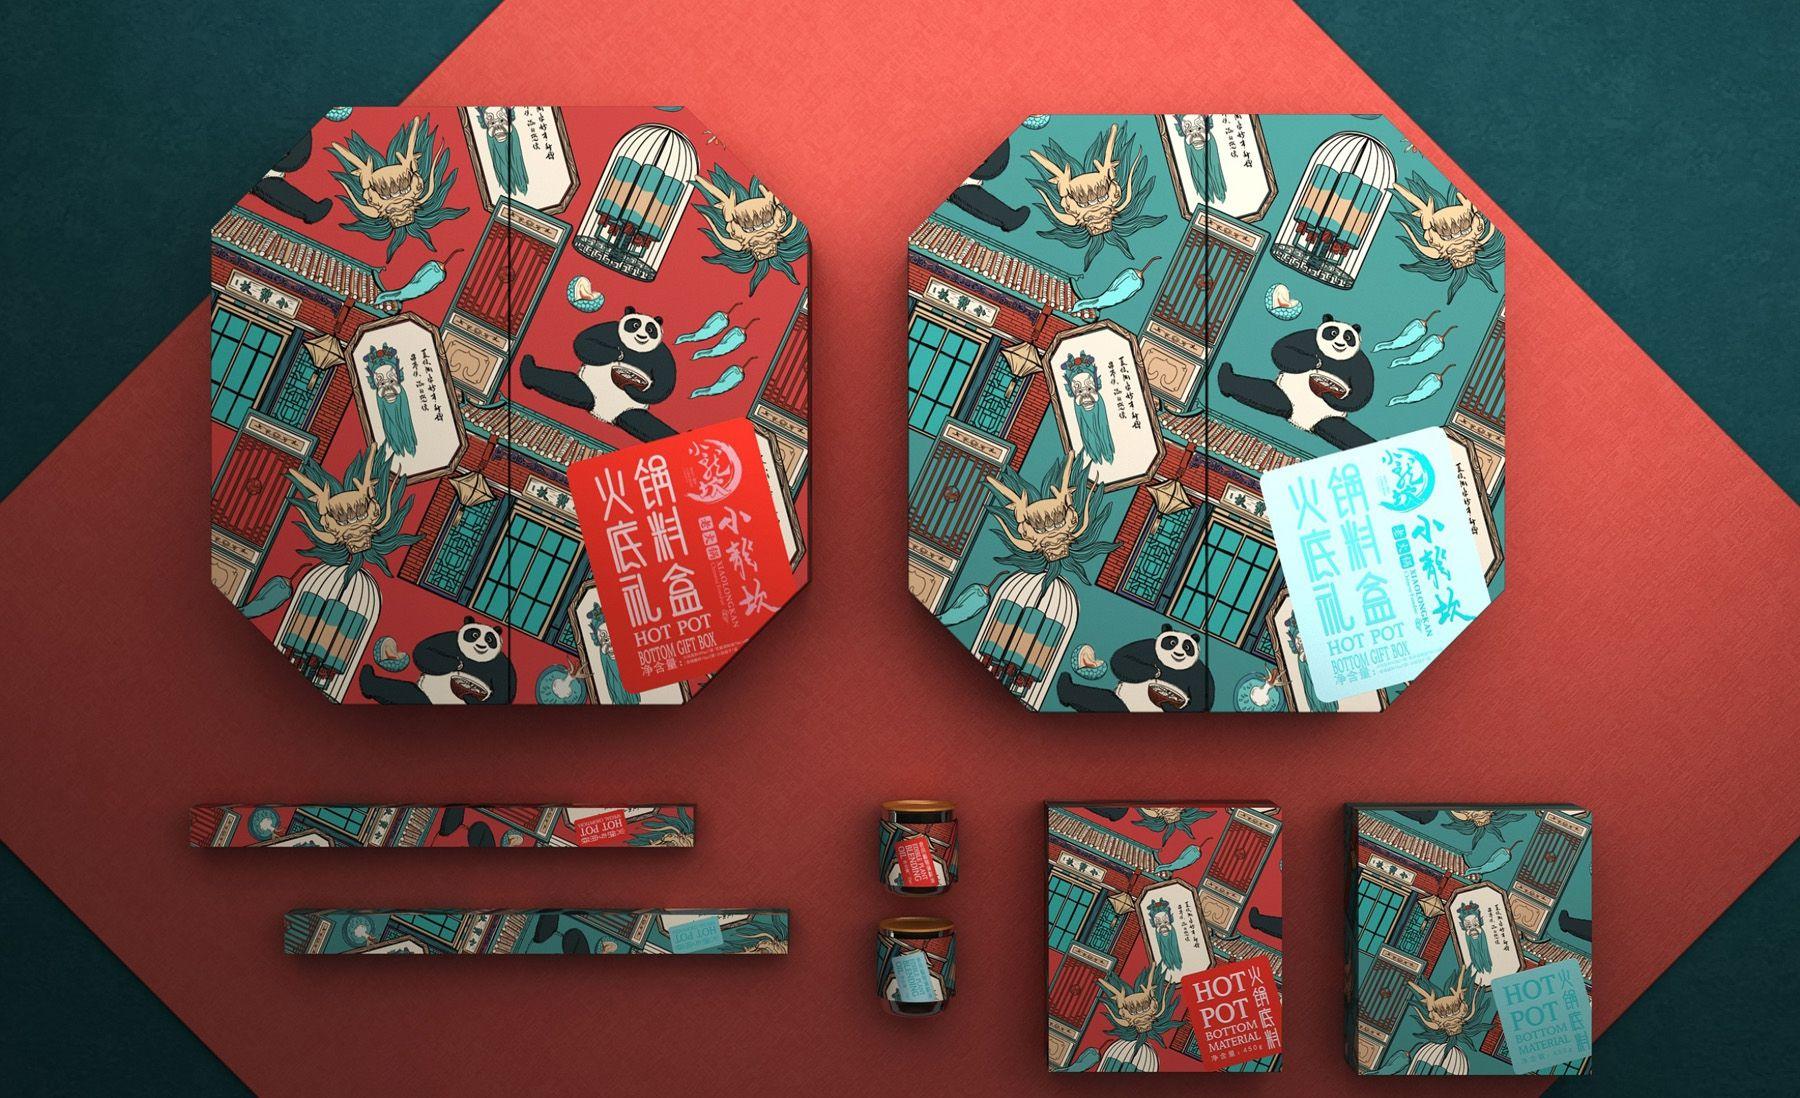 小龙坎火锅礼盒包装设计 火锅底料礼盒包装设计 文创礼品包装设计